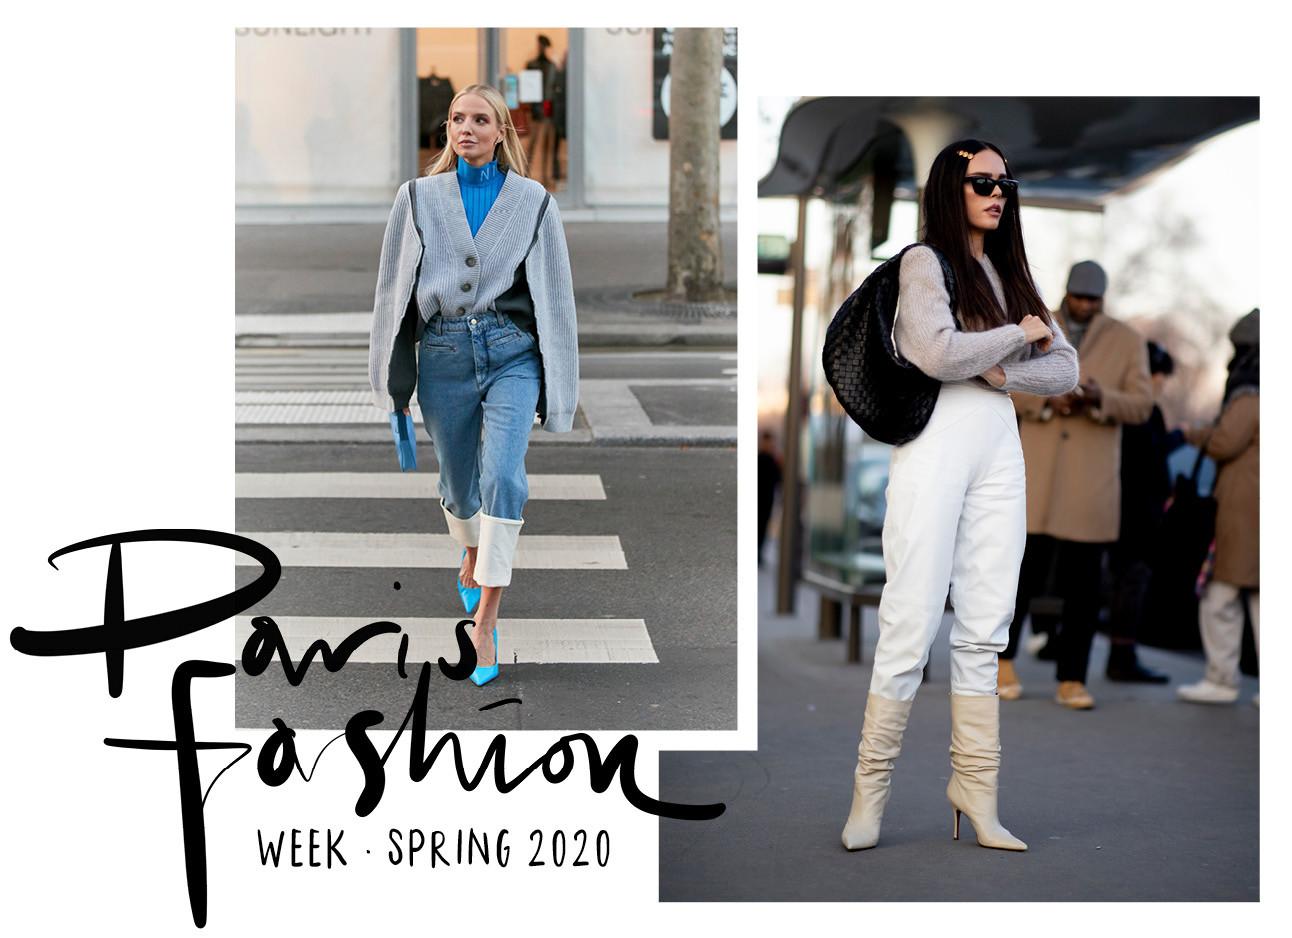 beelden van paris haute couture week en de streetstyle fashion